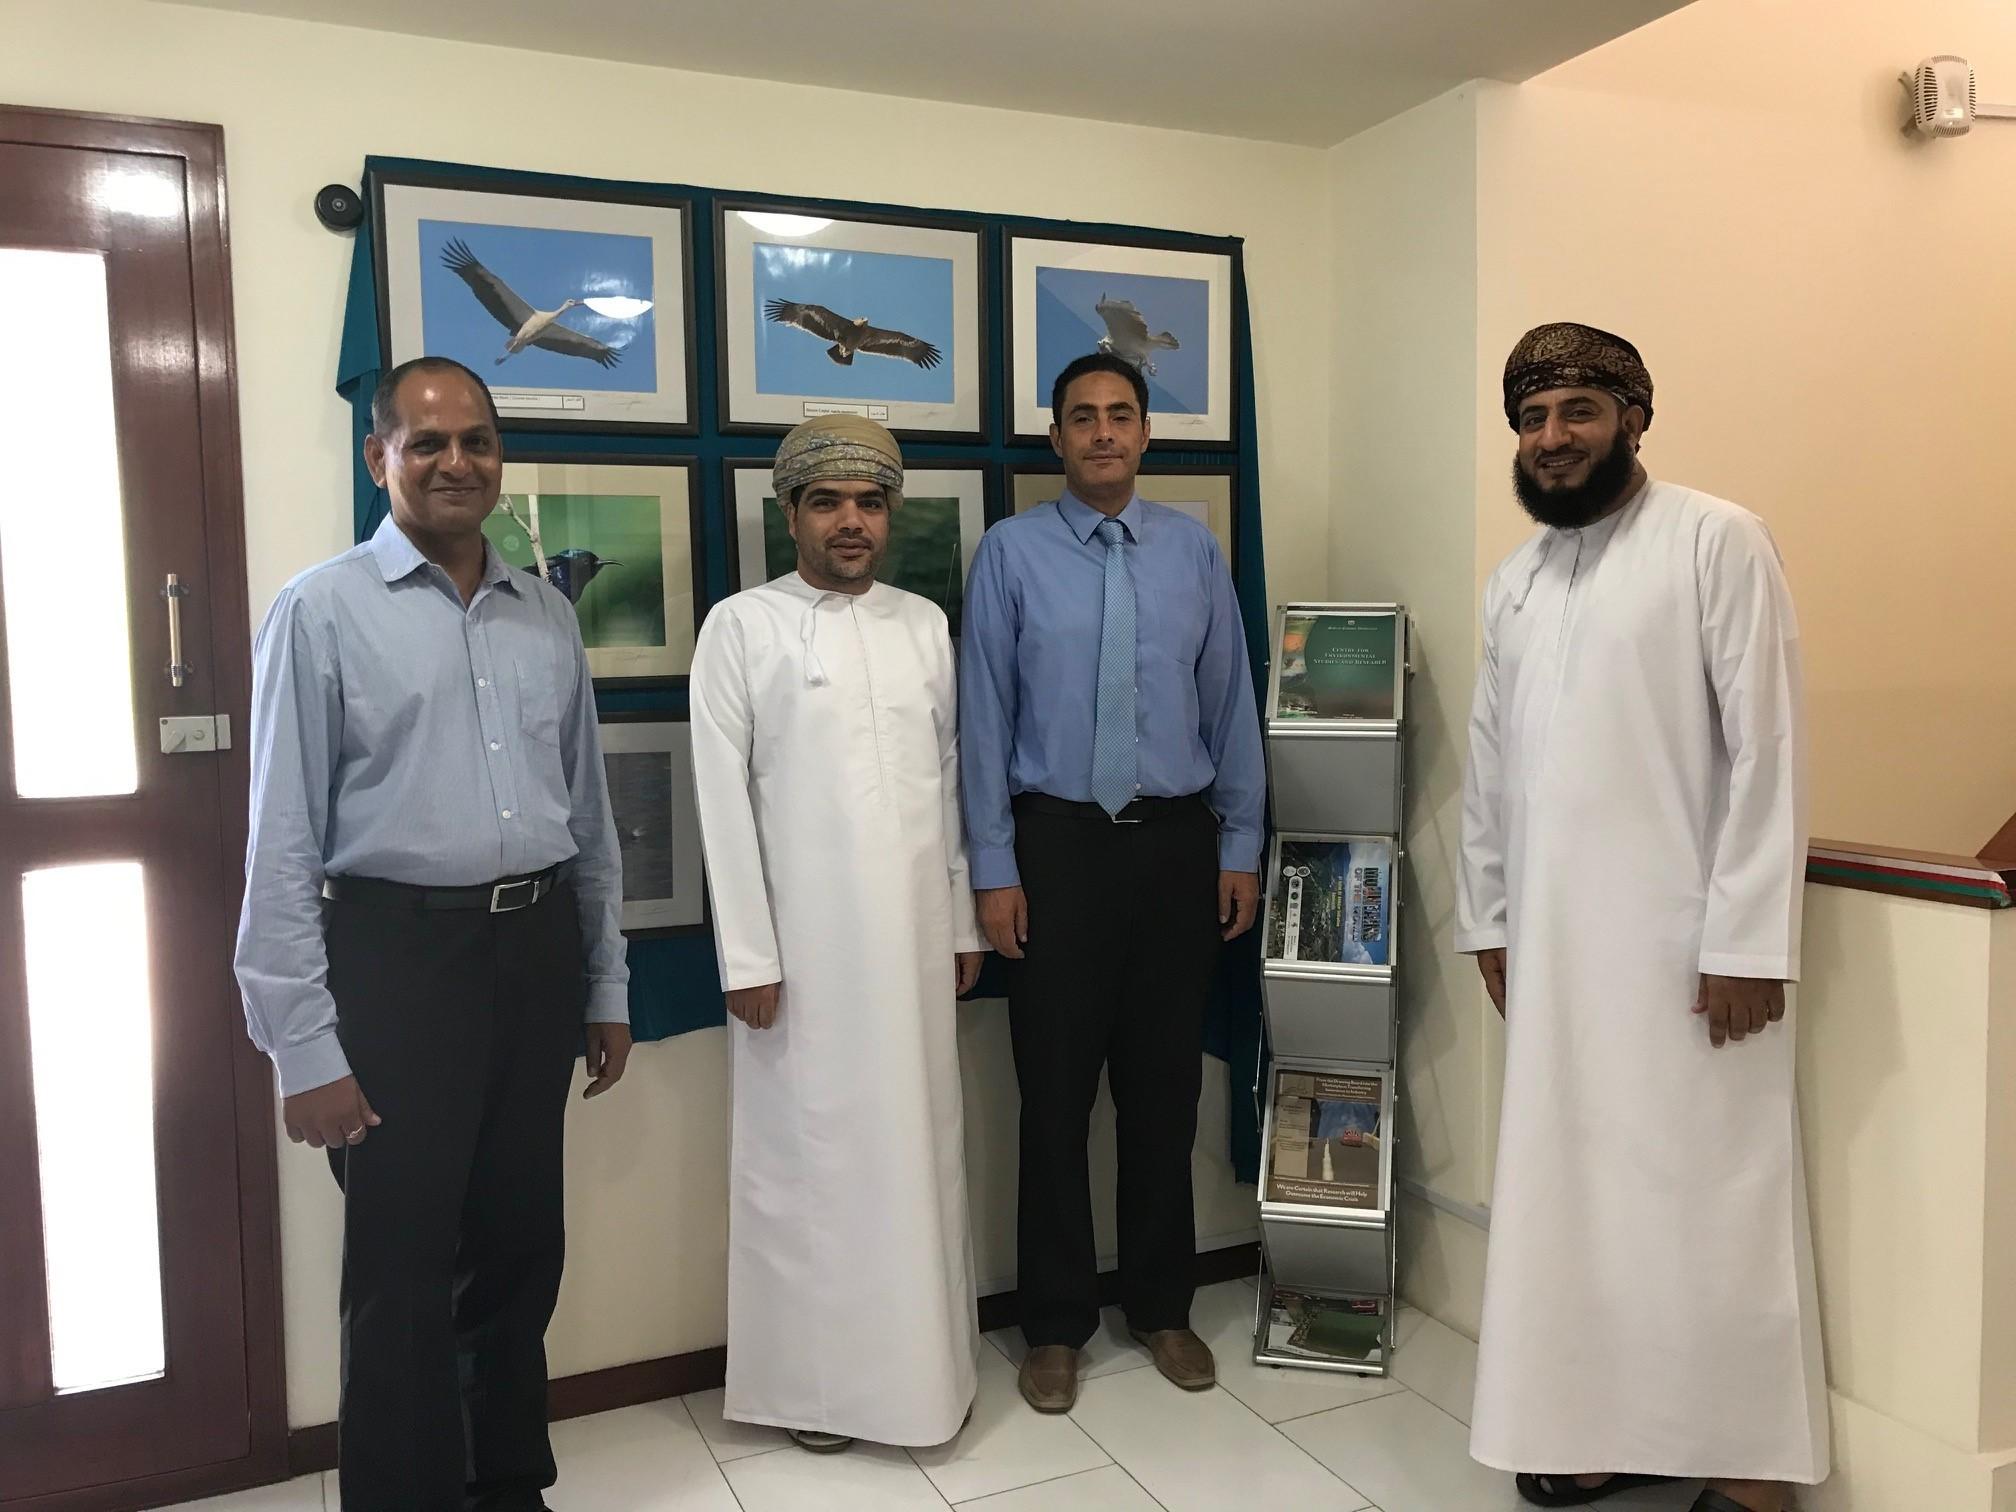 جامعة السلطان قابوس ووزارة البيئة والشؤون المناخية تشرعان في تنفيذ أولى المشاريع مع صندوق المناخ الأخضر